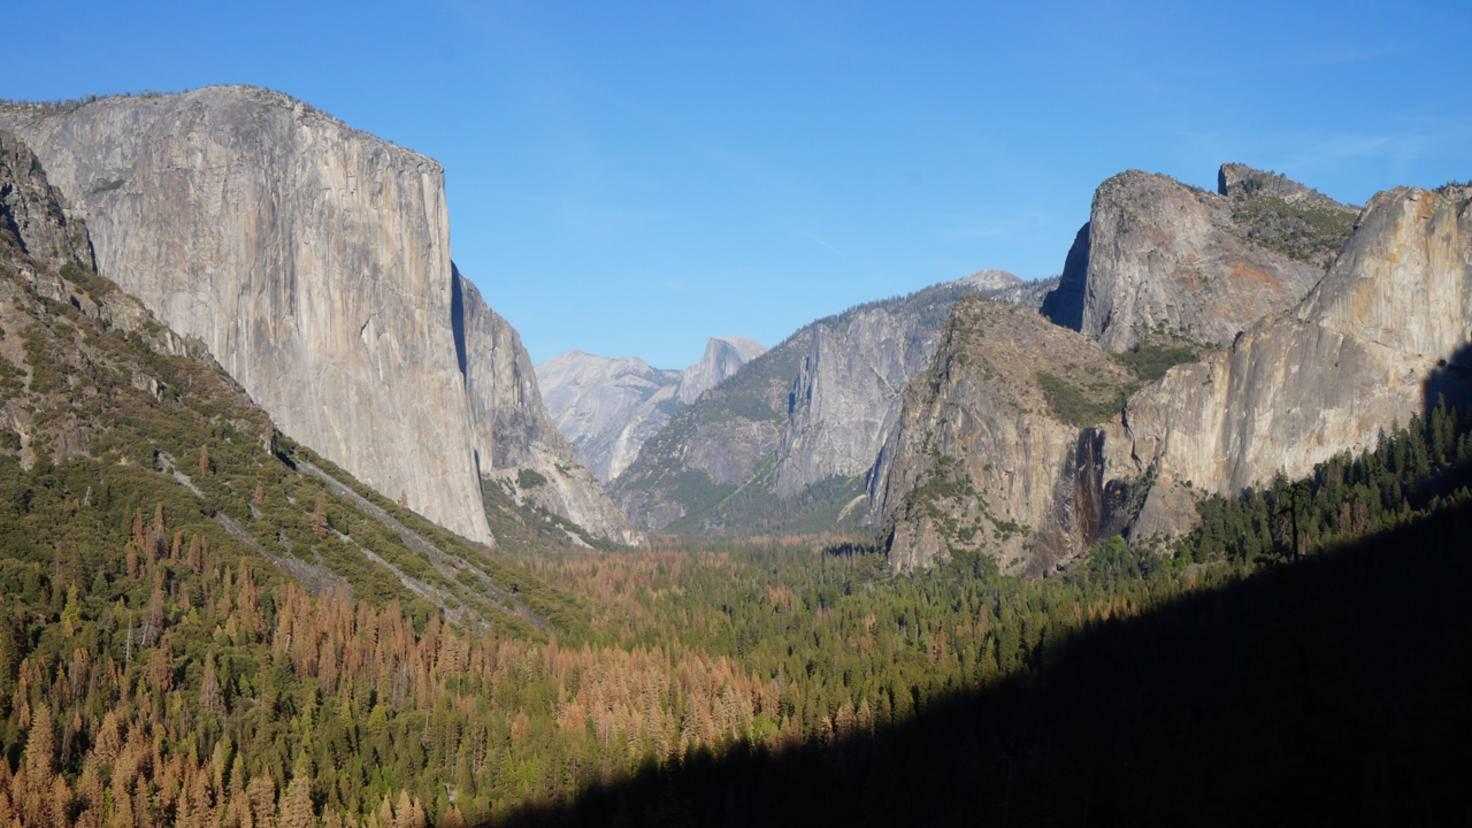 Der ikonische Tunnel-View-Blick ins Yosemite Valley mit El Capitan (links) und Half Dome (rechts im Hintergrund).